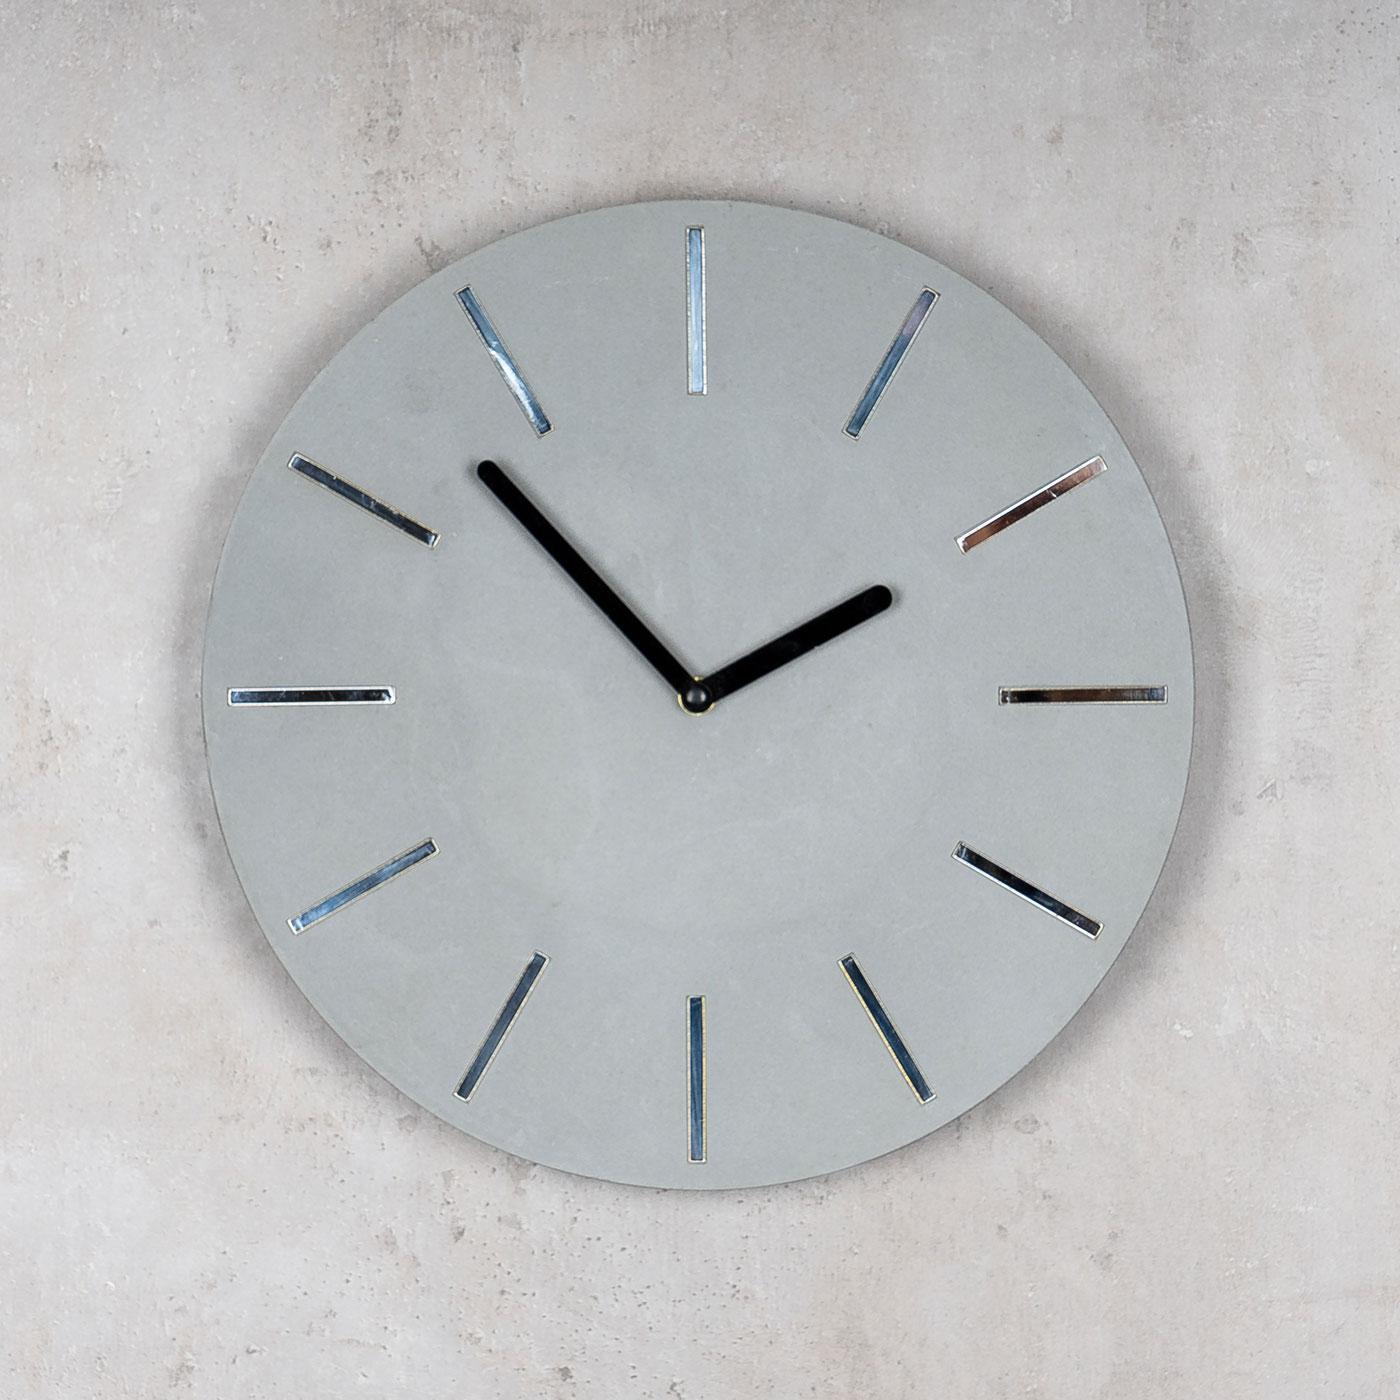 Full Size of Wanddeko Modern Heine Metall Wohnzimmer Ebay Hirsch Aus Holz Glas Hochwertige Wanduhr Beton Uhr 30cm Grau Spiegelziffer Moderne Esstische Bilder Fürs Duschen Wohnzimmer Wanddeko Modern